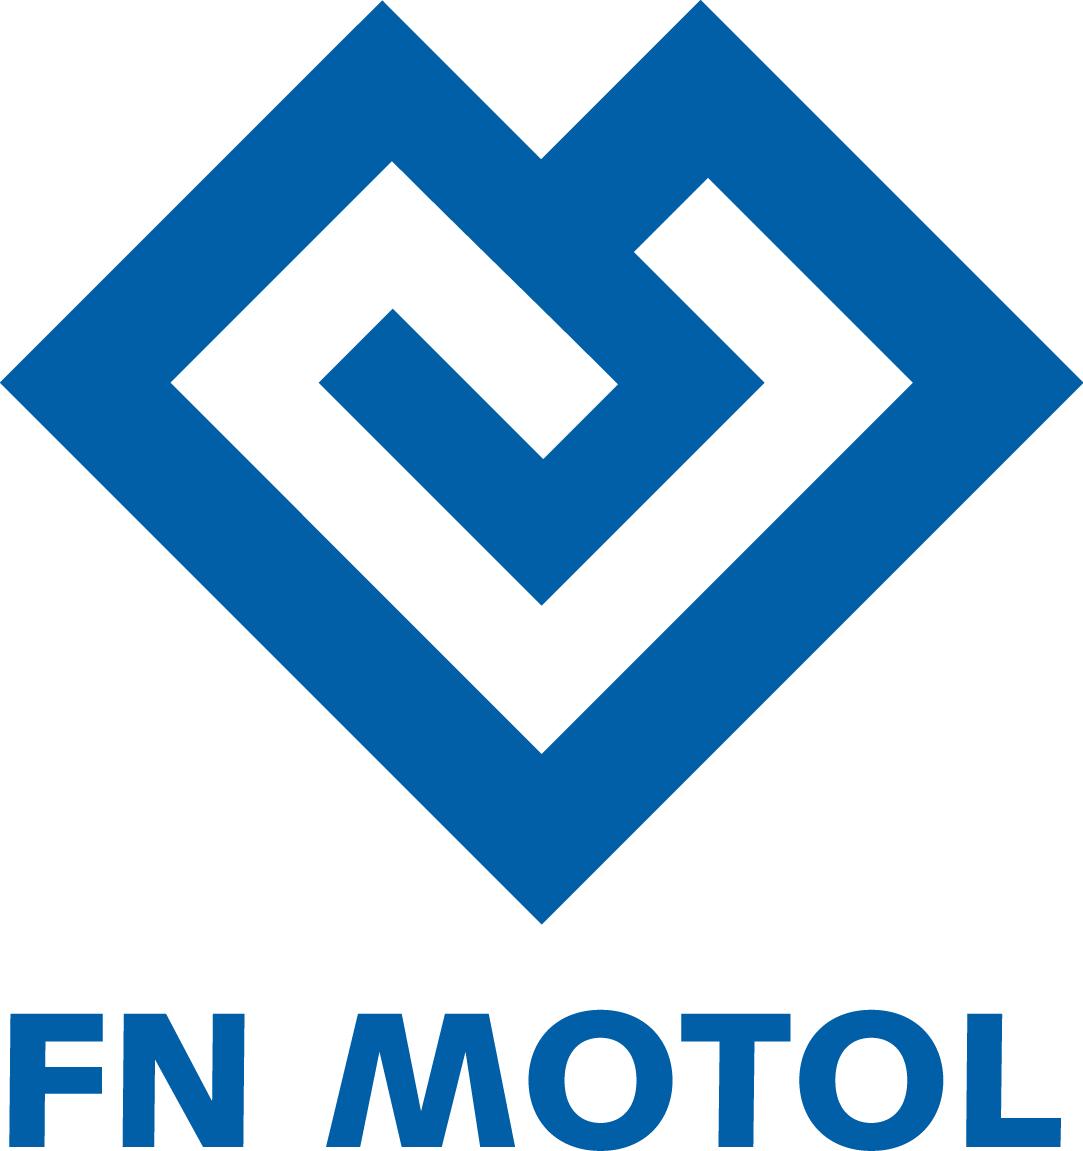 FN Motol